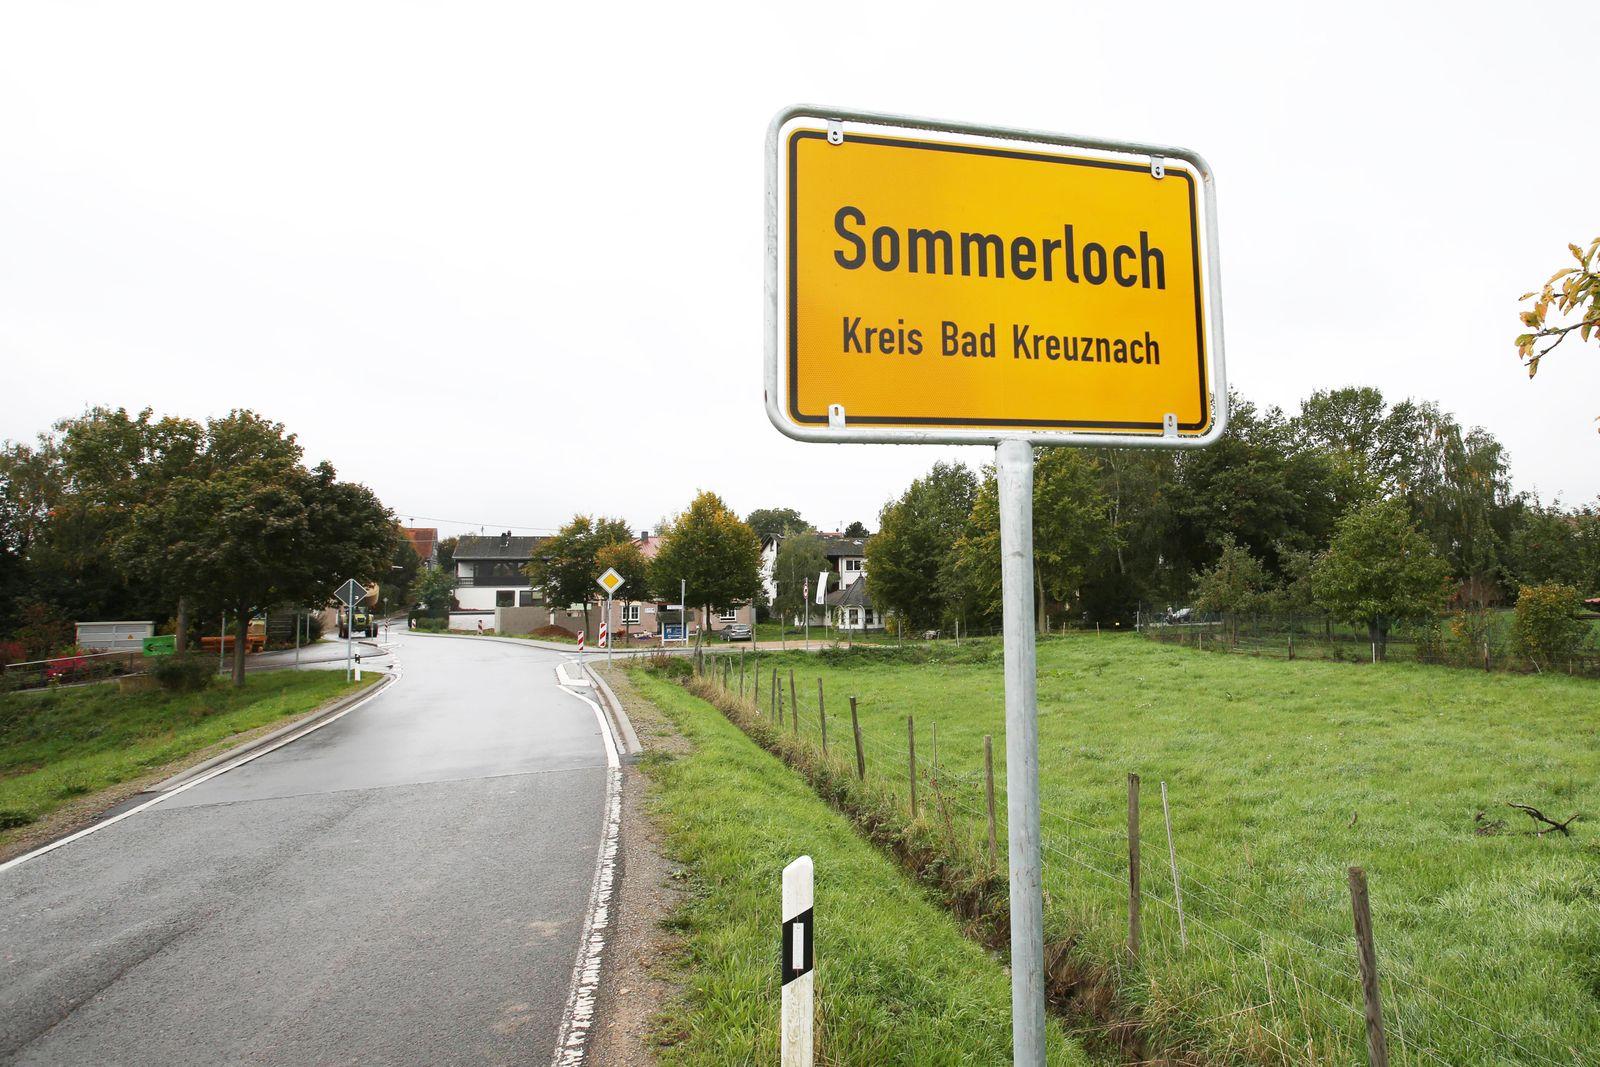 Sommerloch ist eine Ortsgemeinde im Landkreis Bad Kreuznach in Rheinland Pfalz Ortsschild